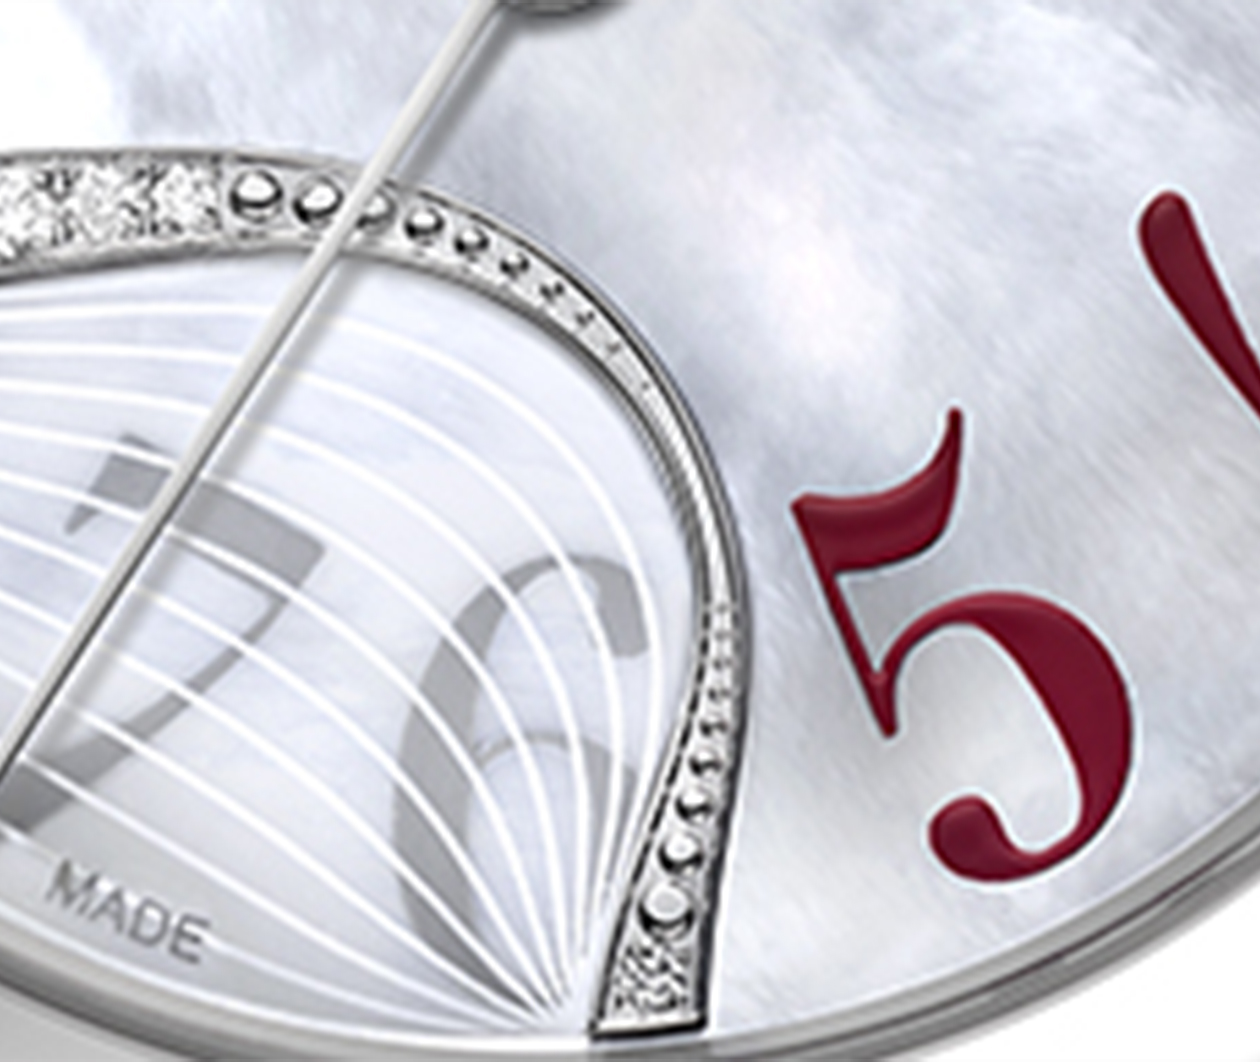 UlysseNardin Classico Jade 81532306006 Carousel 3 FINAL